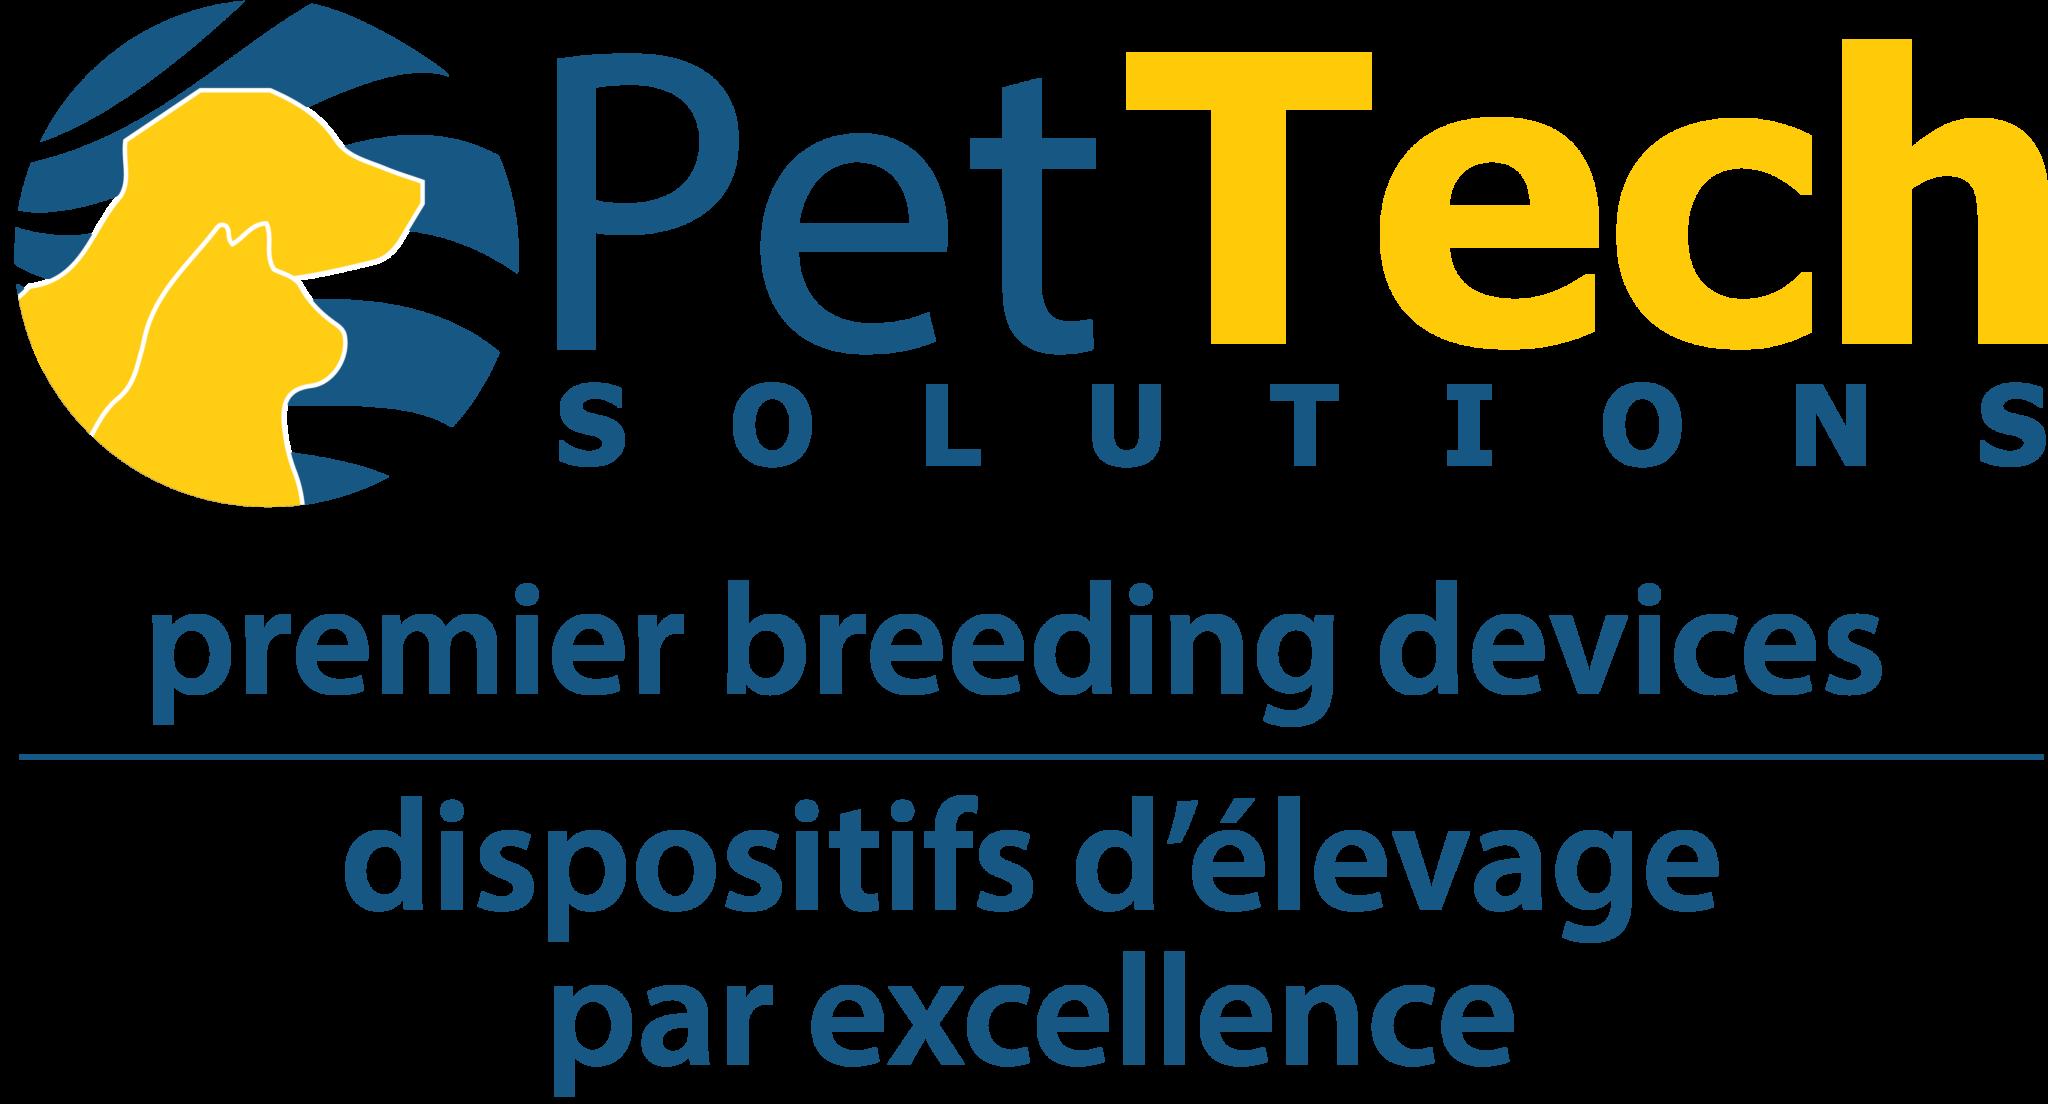 pettech_logo_horizontal_premier_englishfrench